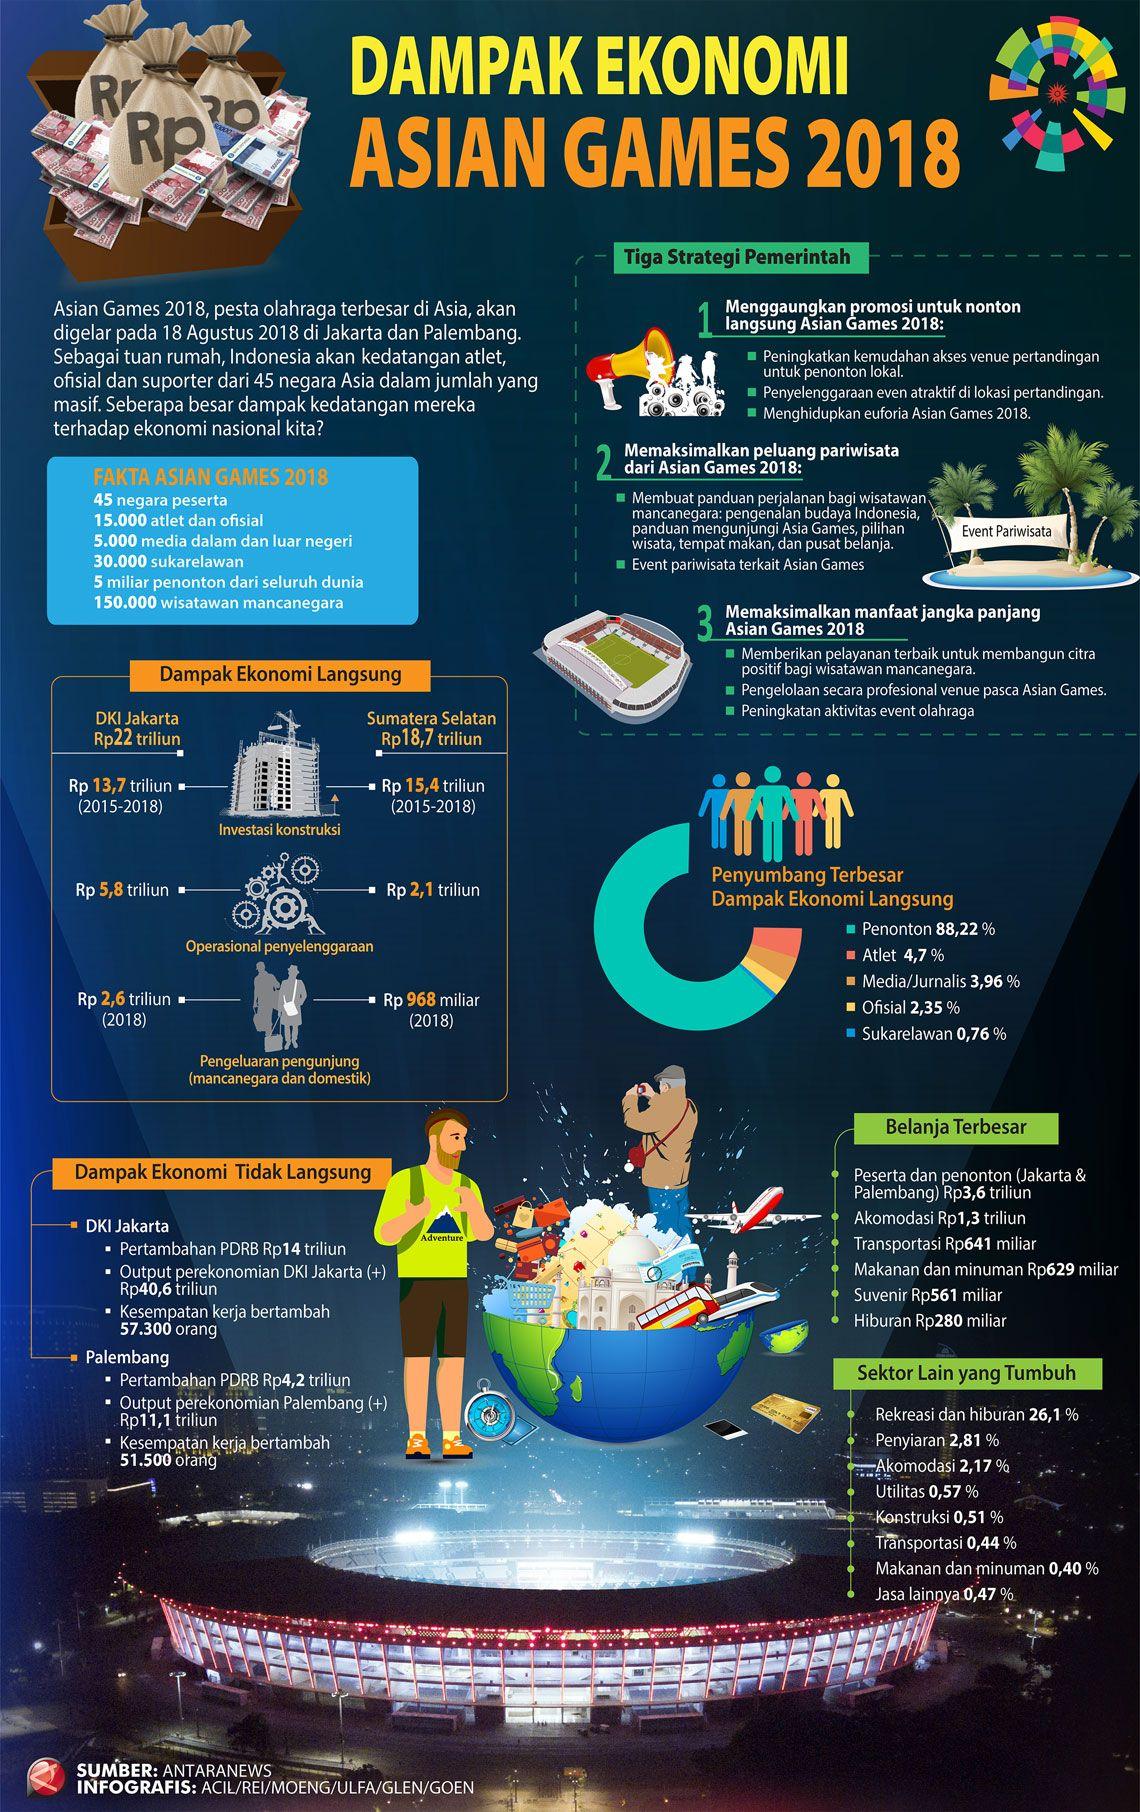 Dampak Ekonomi Asian Games 2018